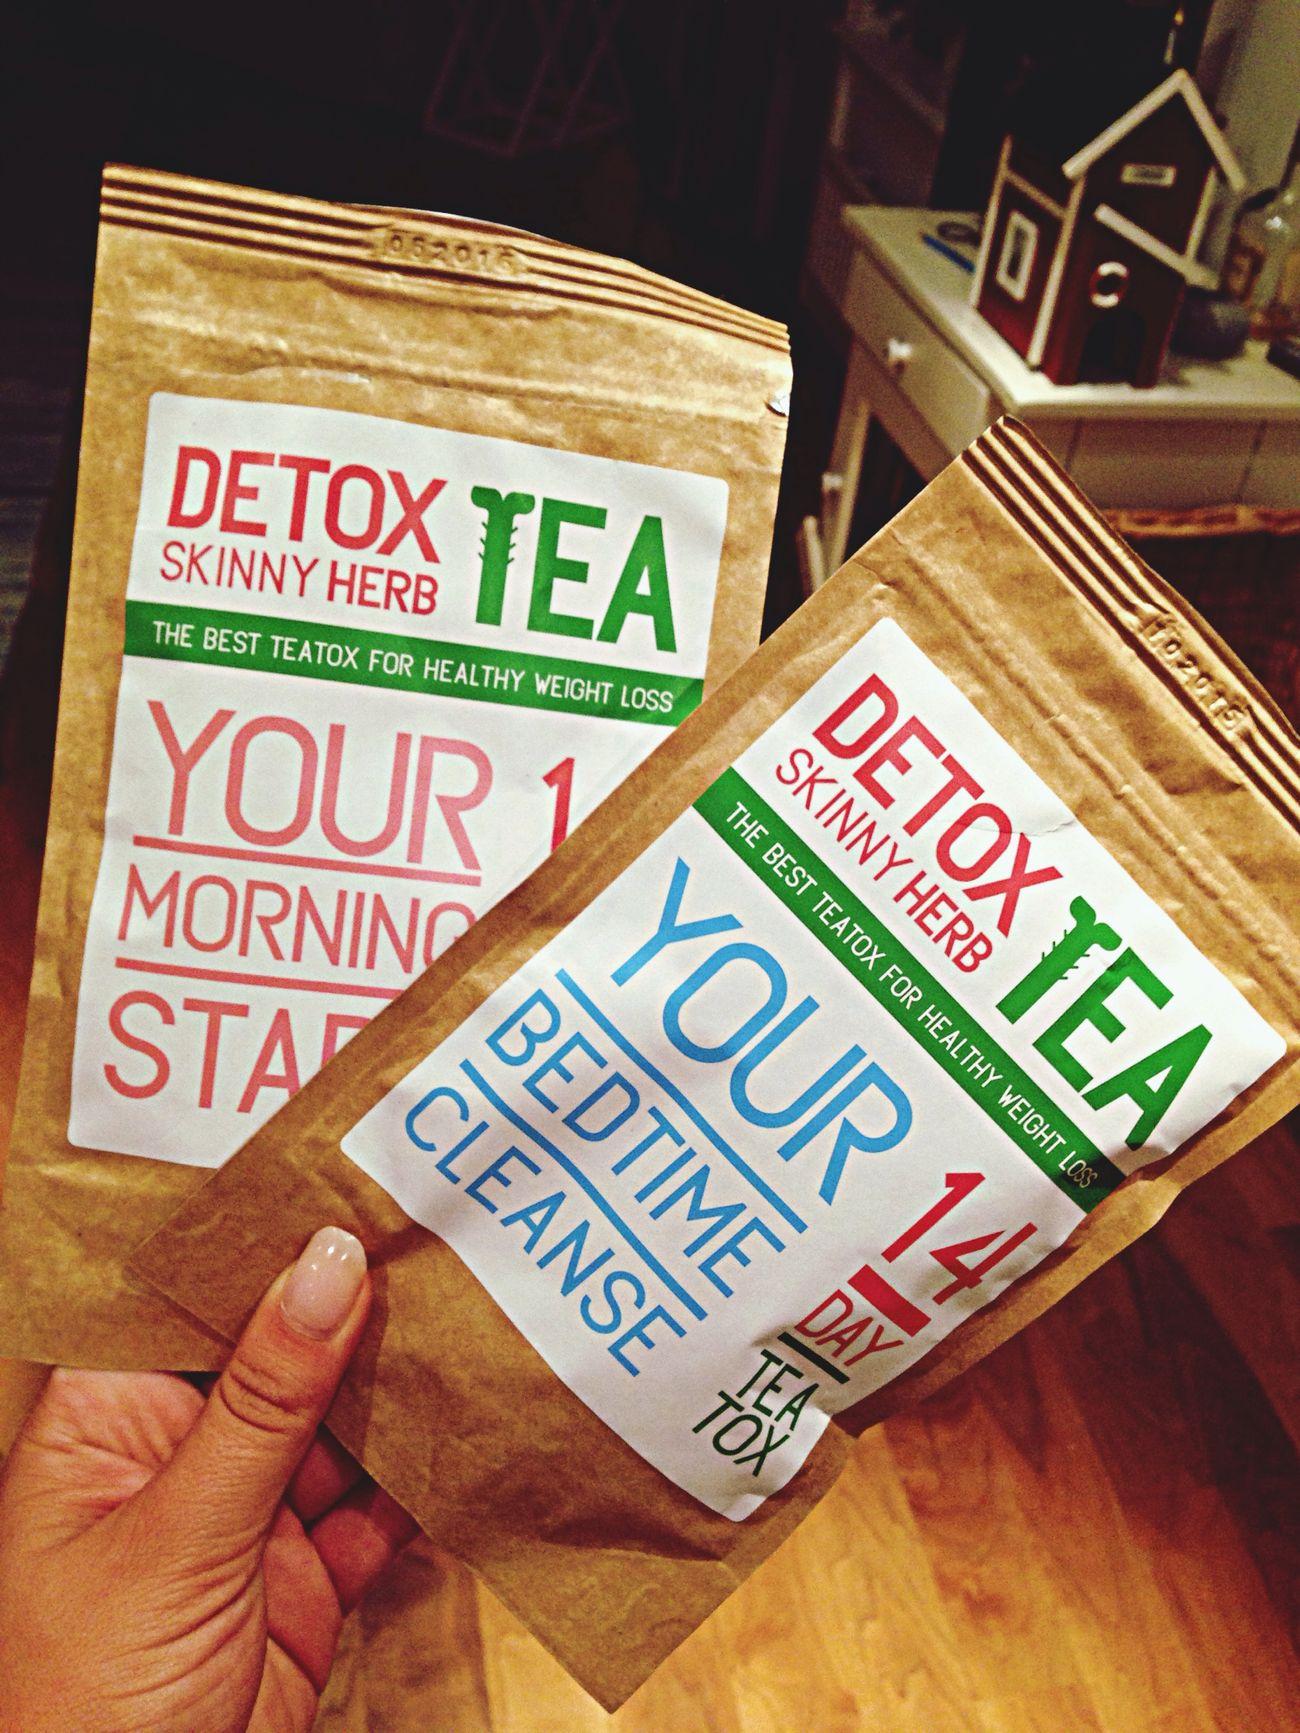 It's Tea Time... Detox Time